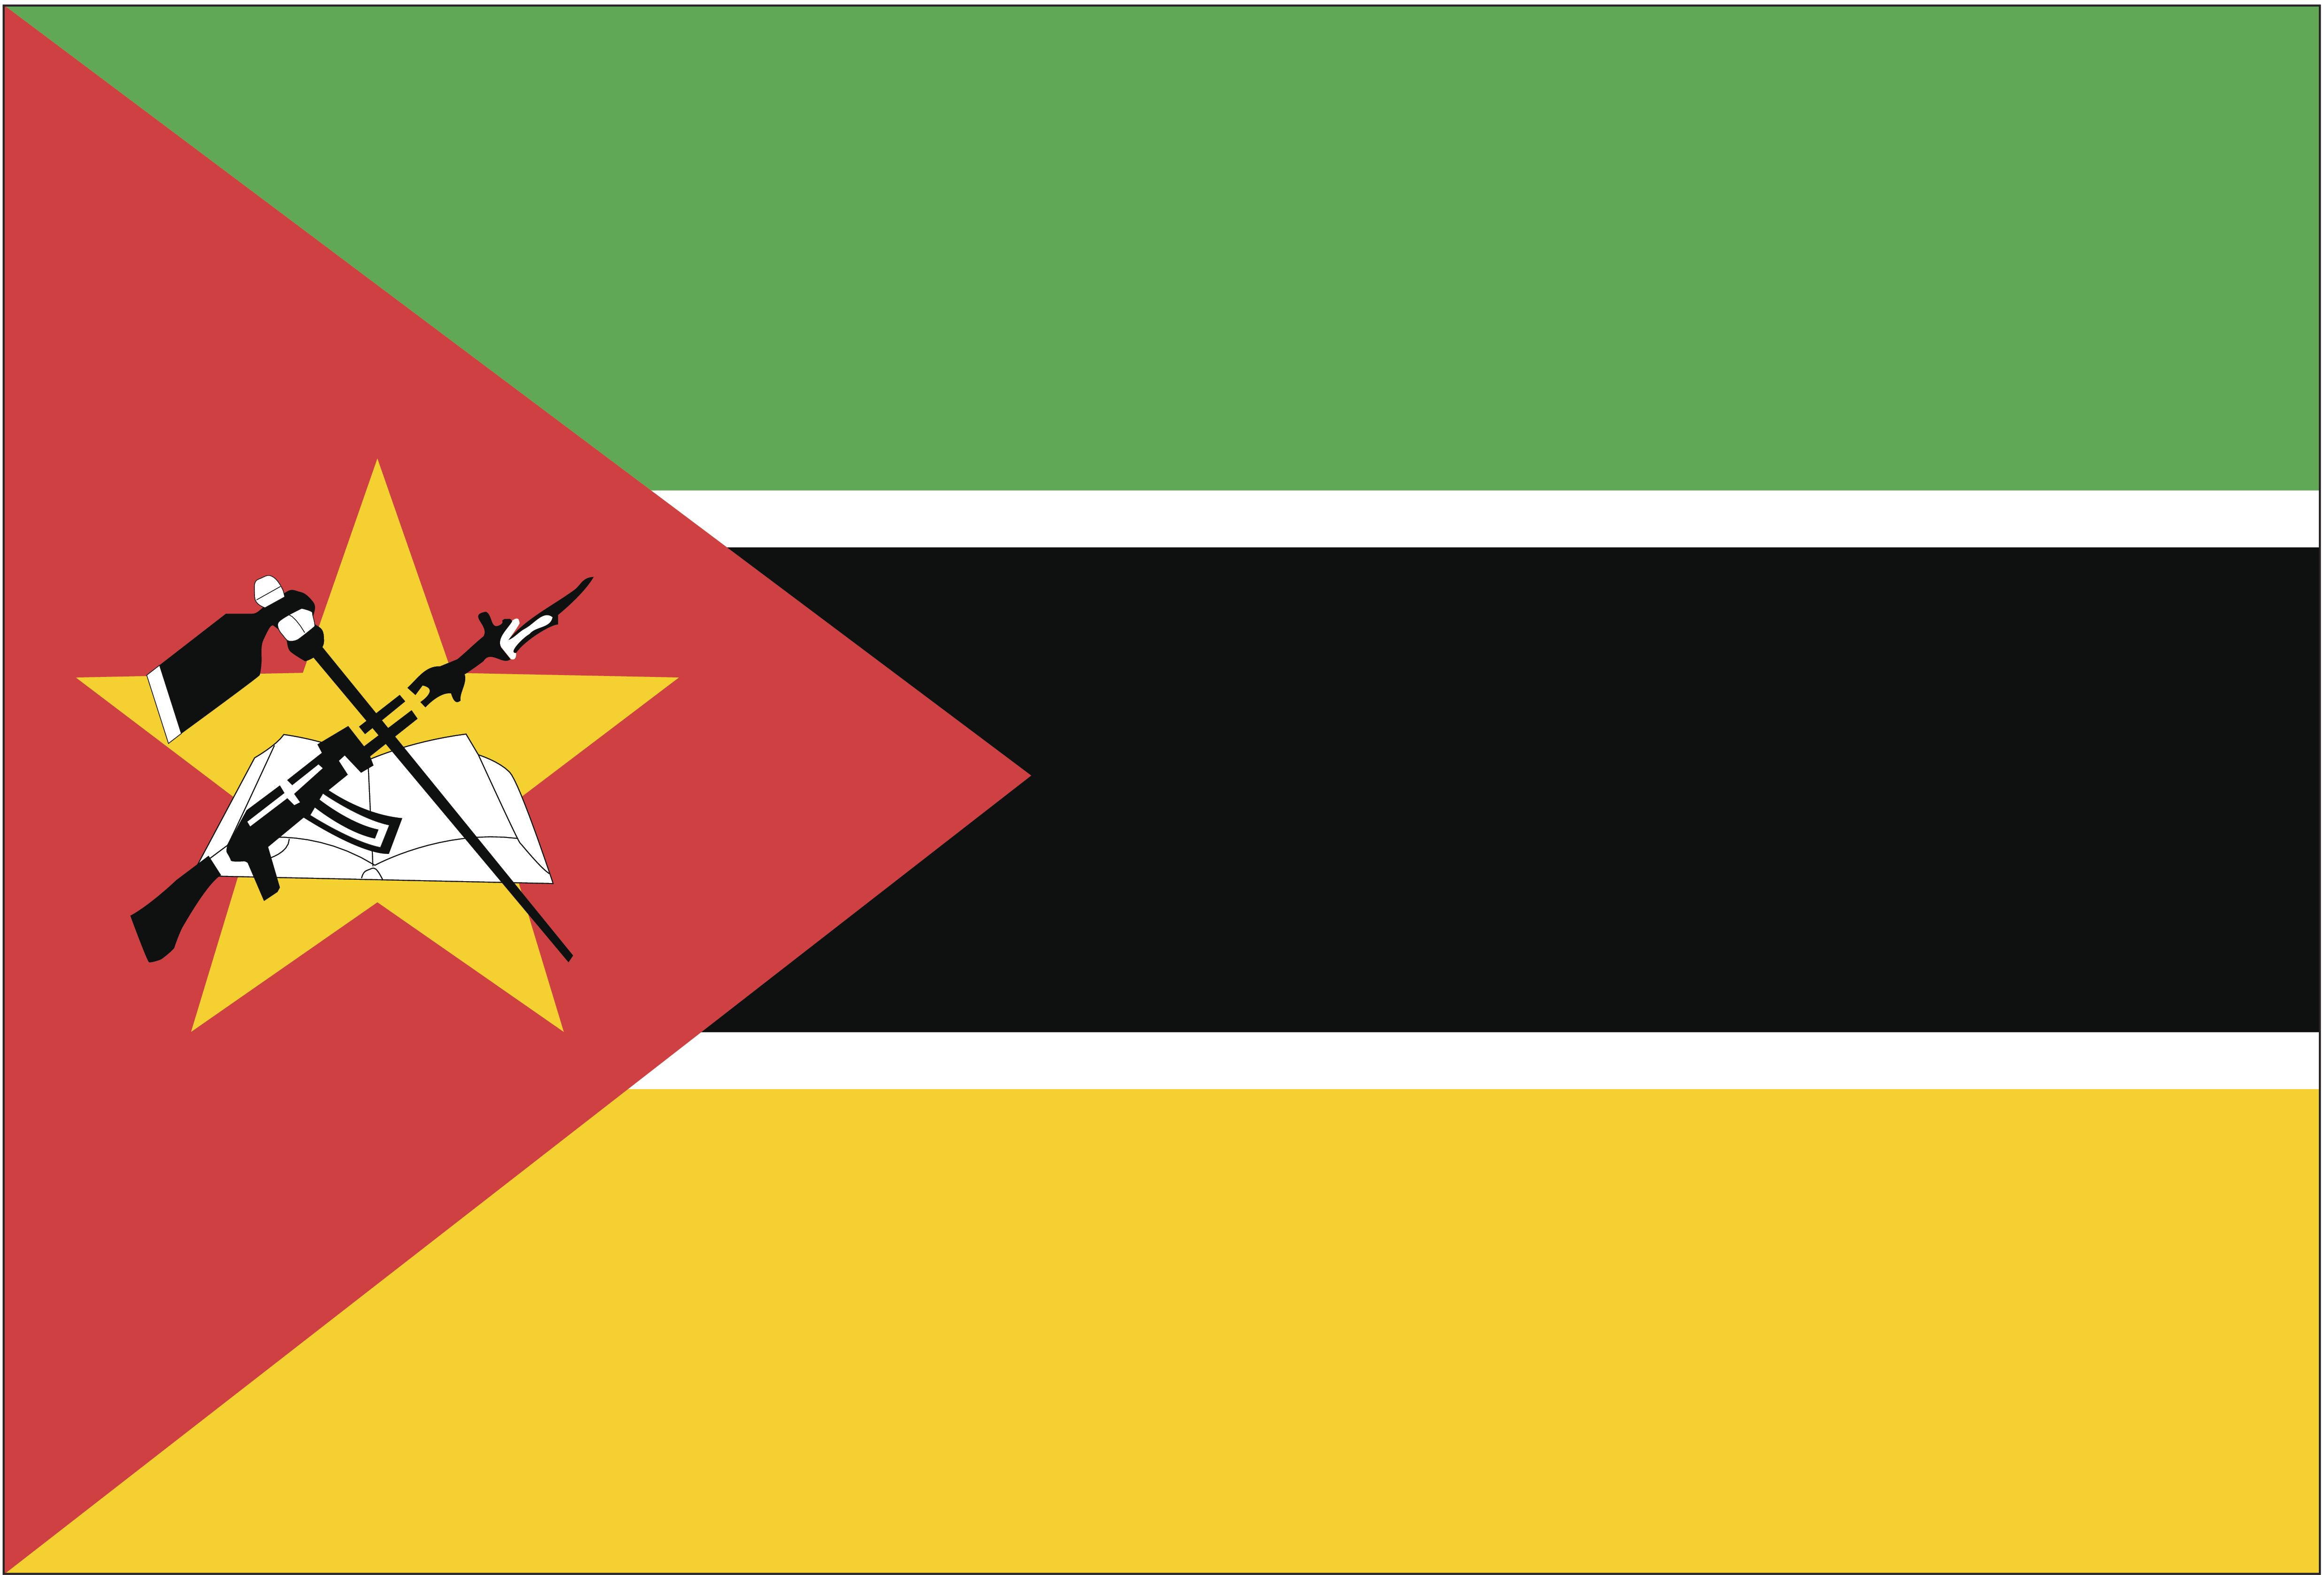 علم موزمبيق